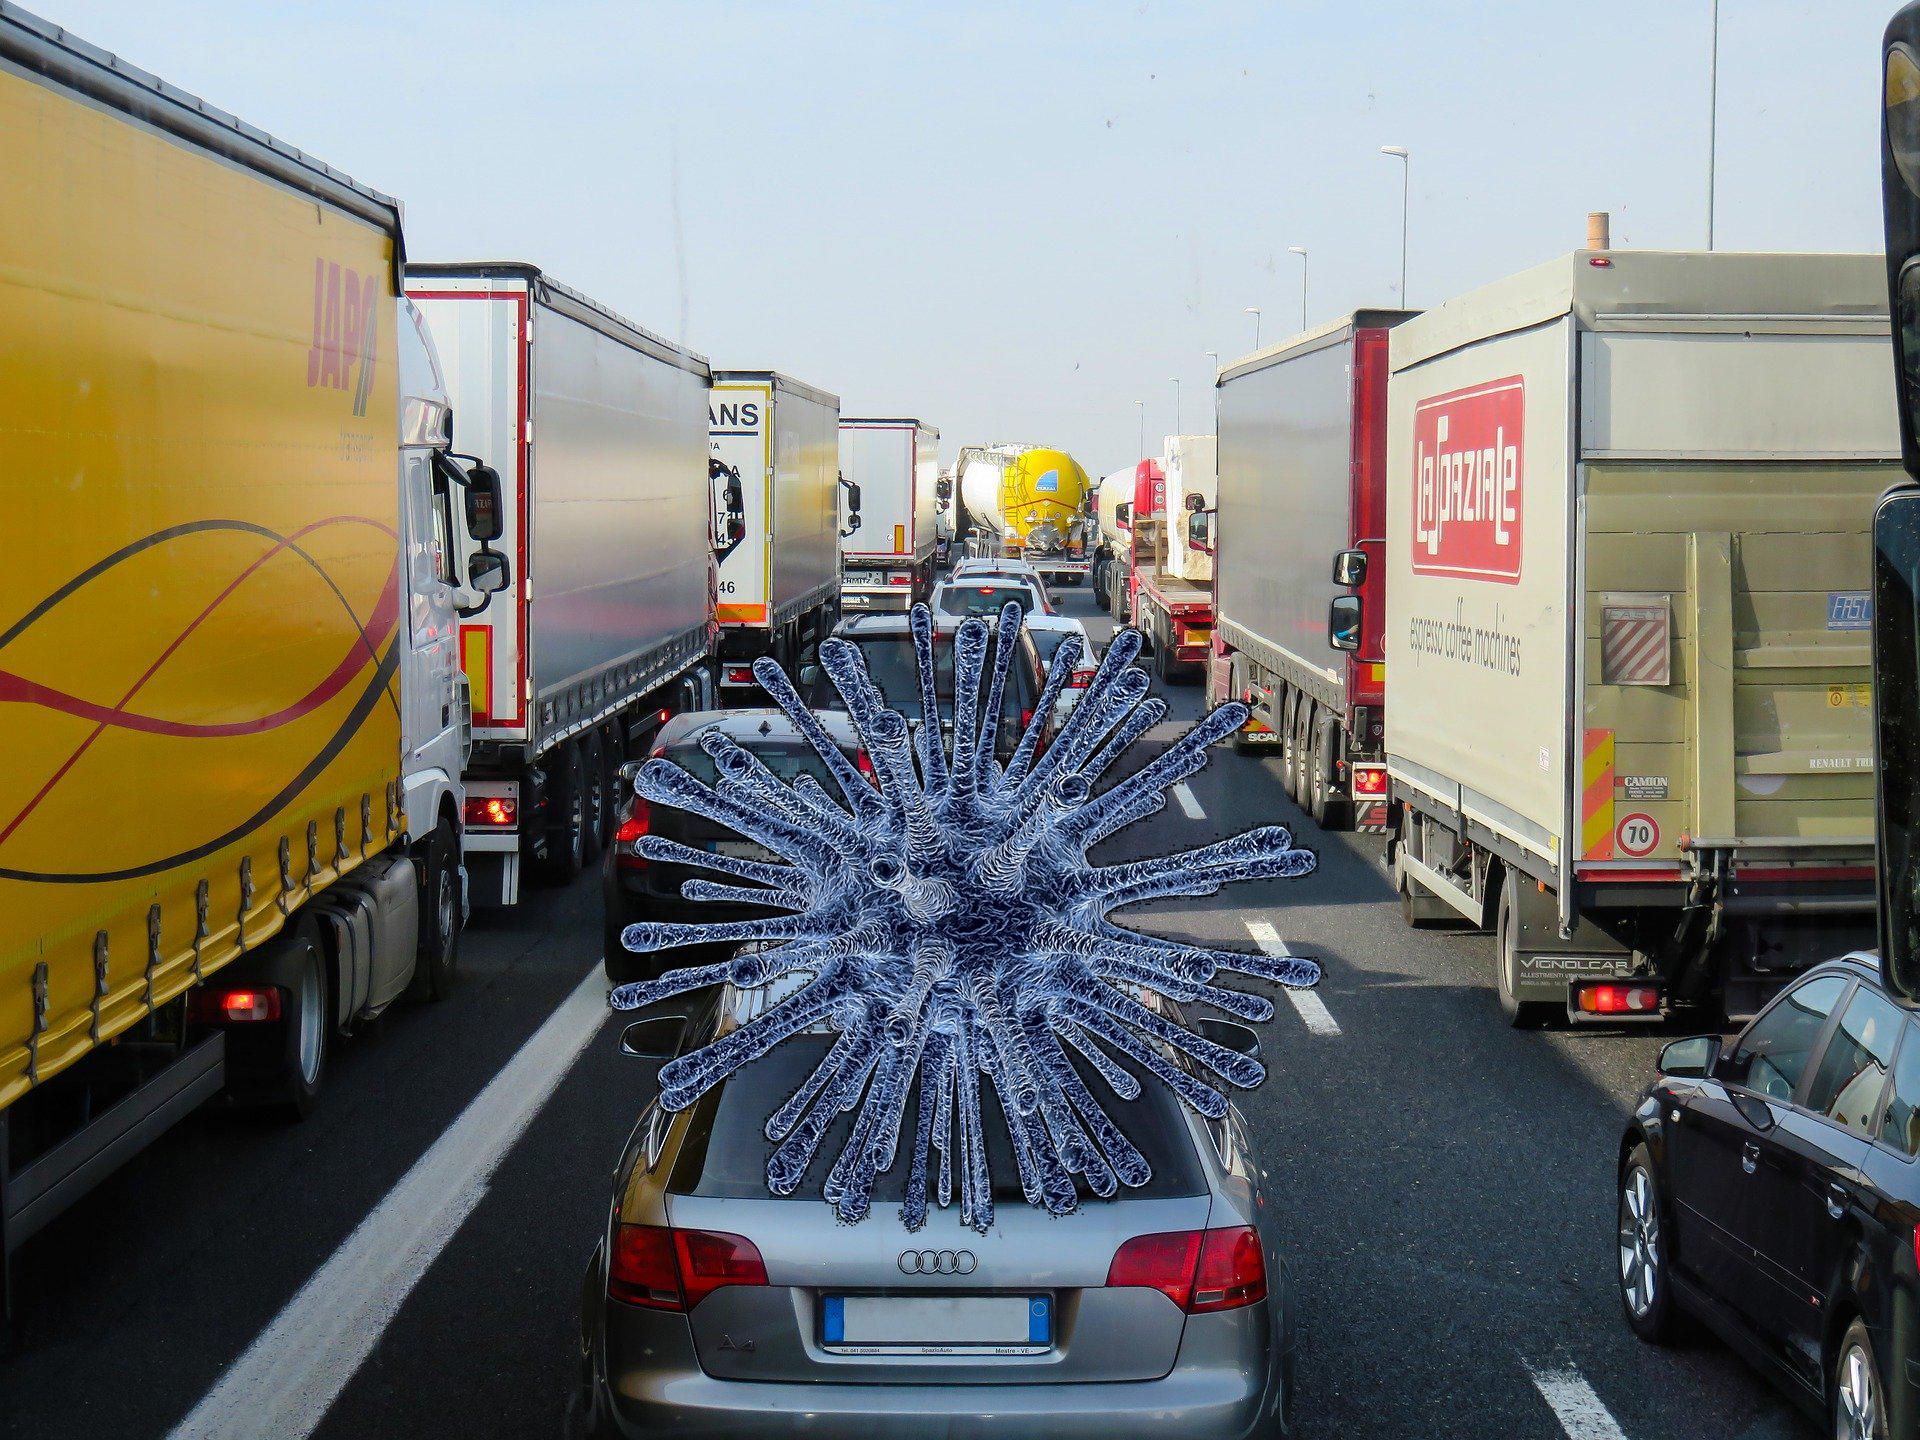 Corona-Krise: Tschechien erlaubt Arbeitern doch die Ausreise nach Deutschland